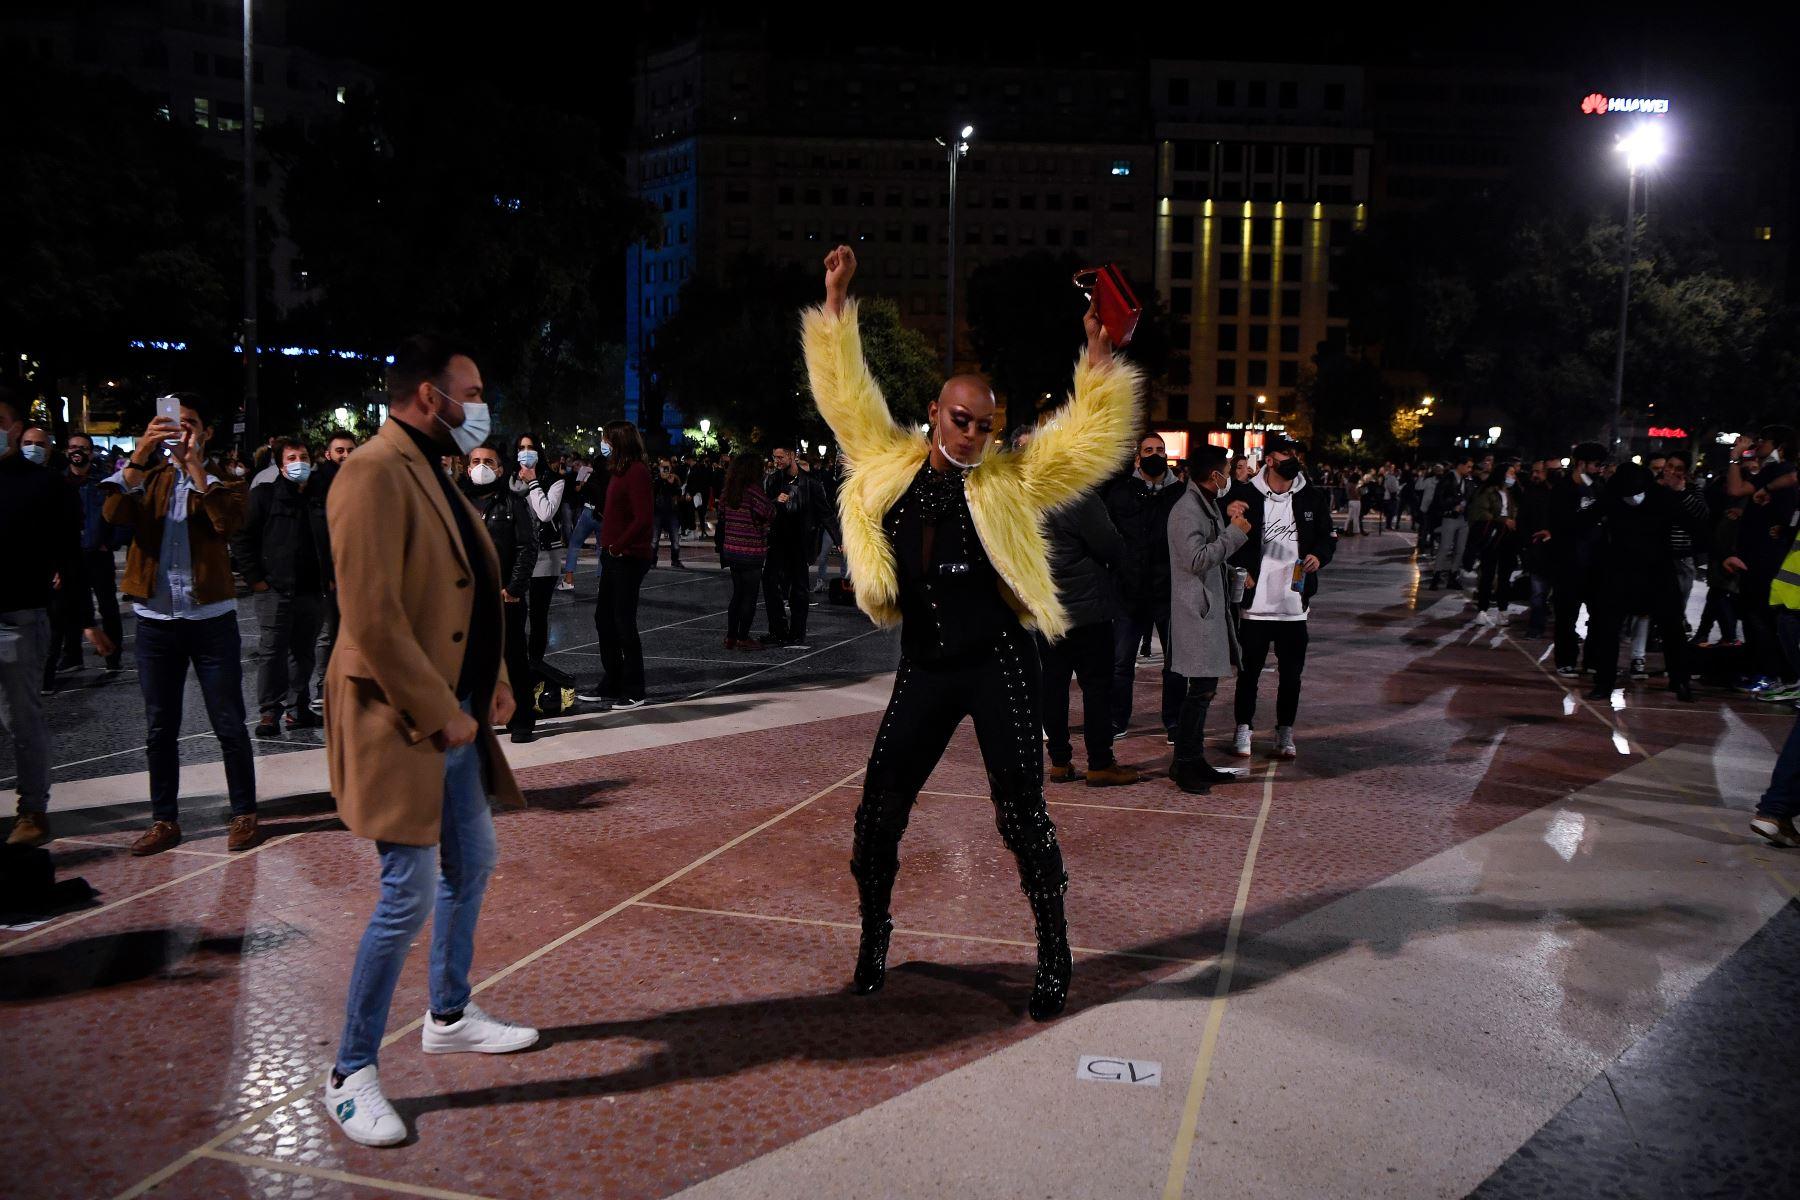 Personas con máscaras bailan durante una protesta convocada por los gremios de discotecas en apoyo a la reapertura de locales nocturnos en Barcelona. Foto: AFP